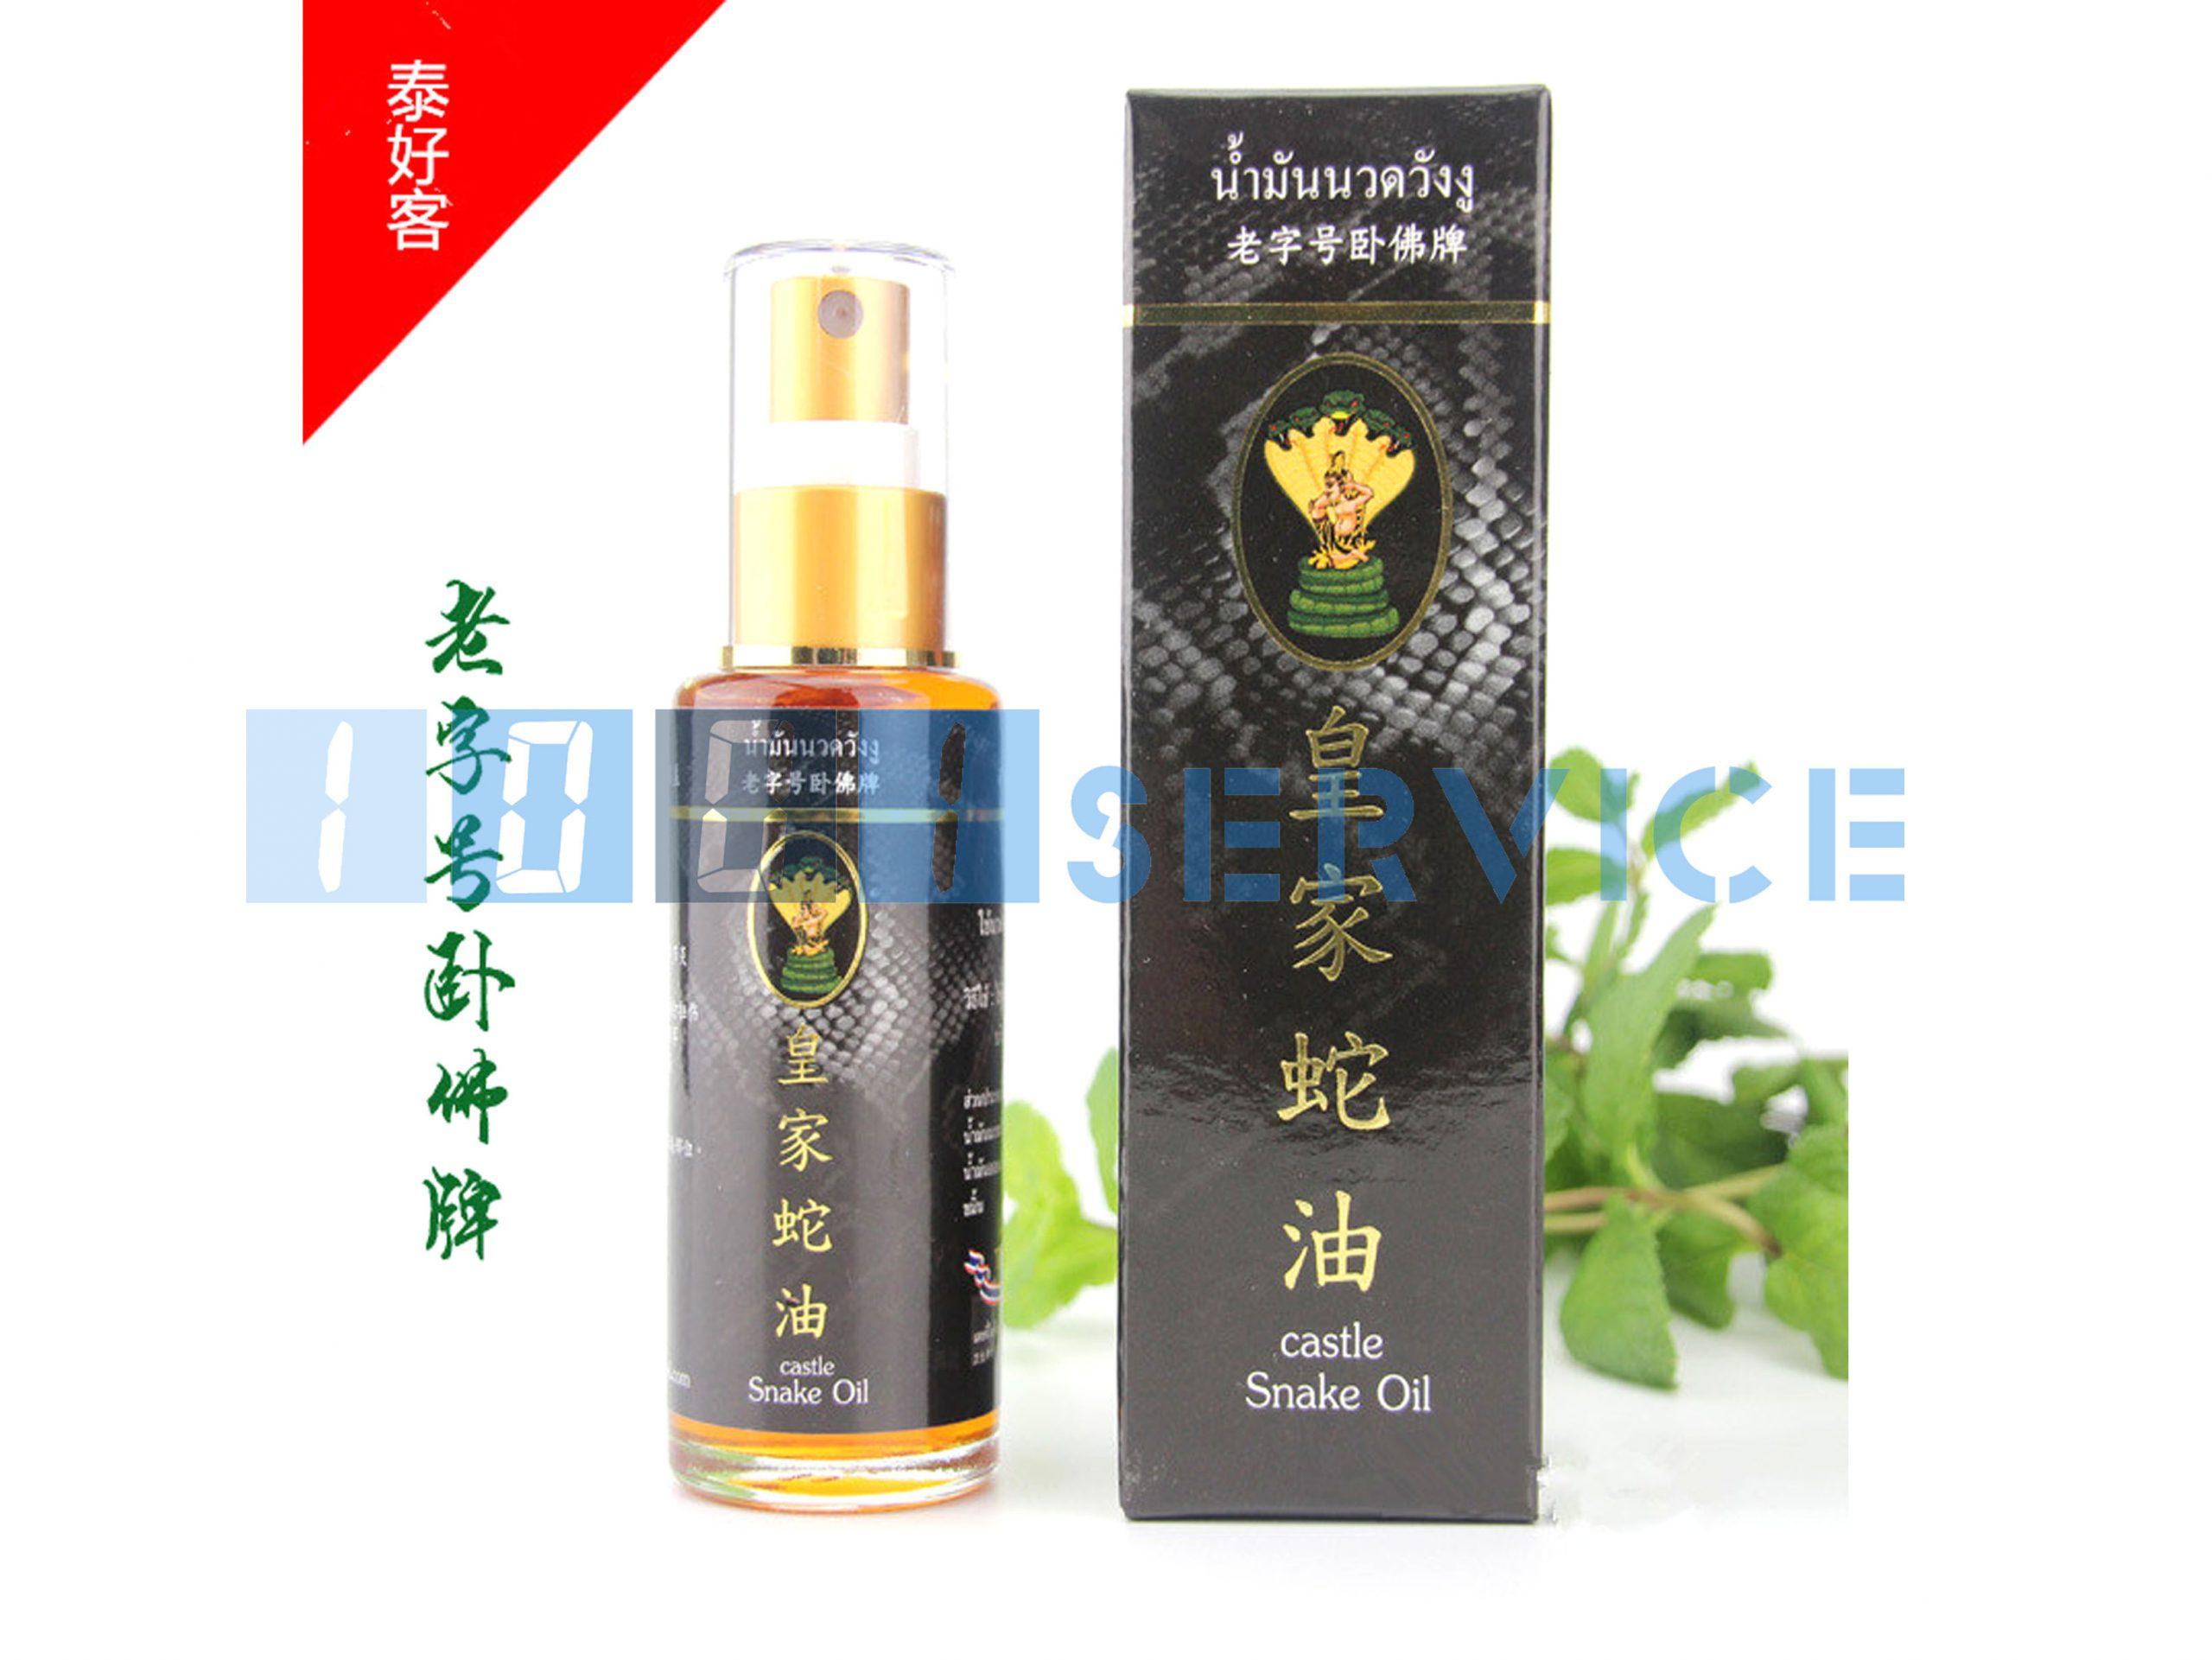 Змеиное масло Castle Snake oil